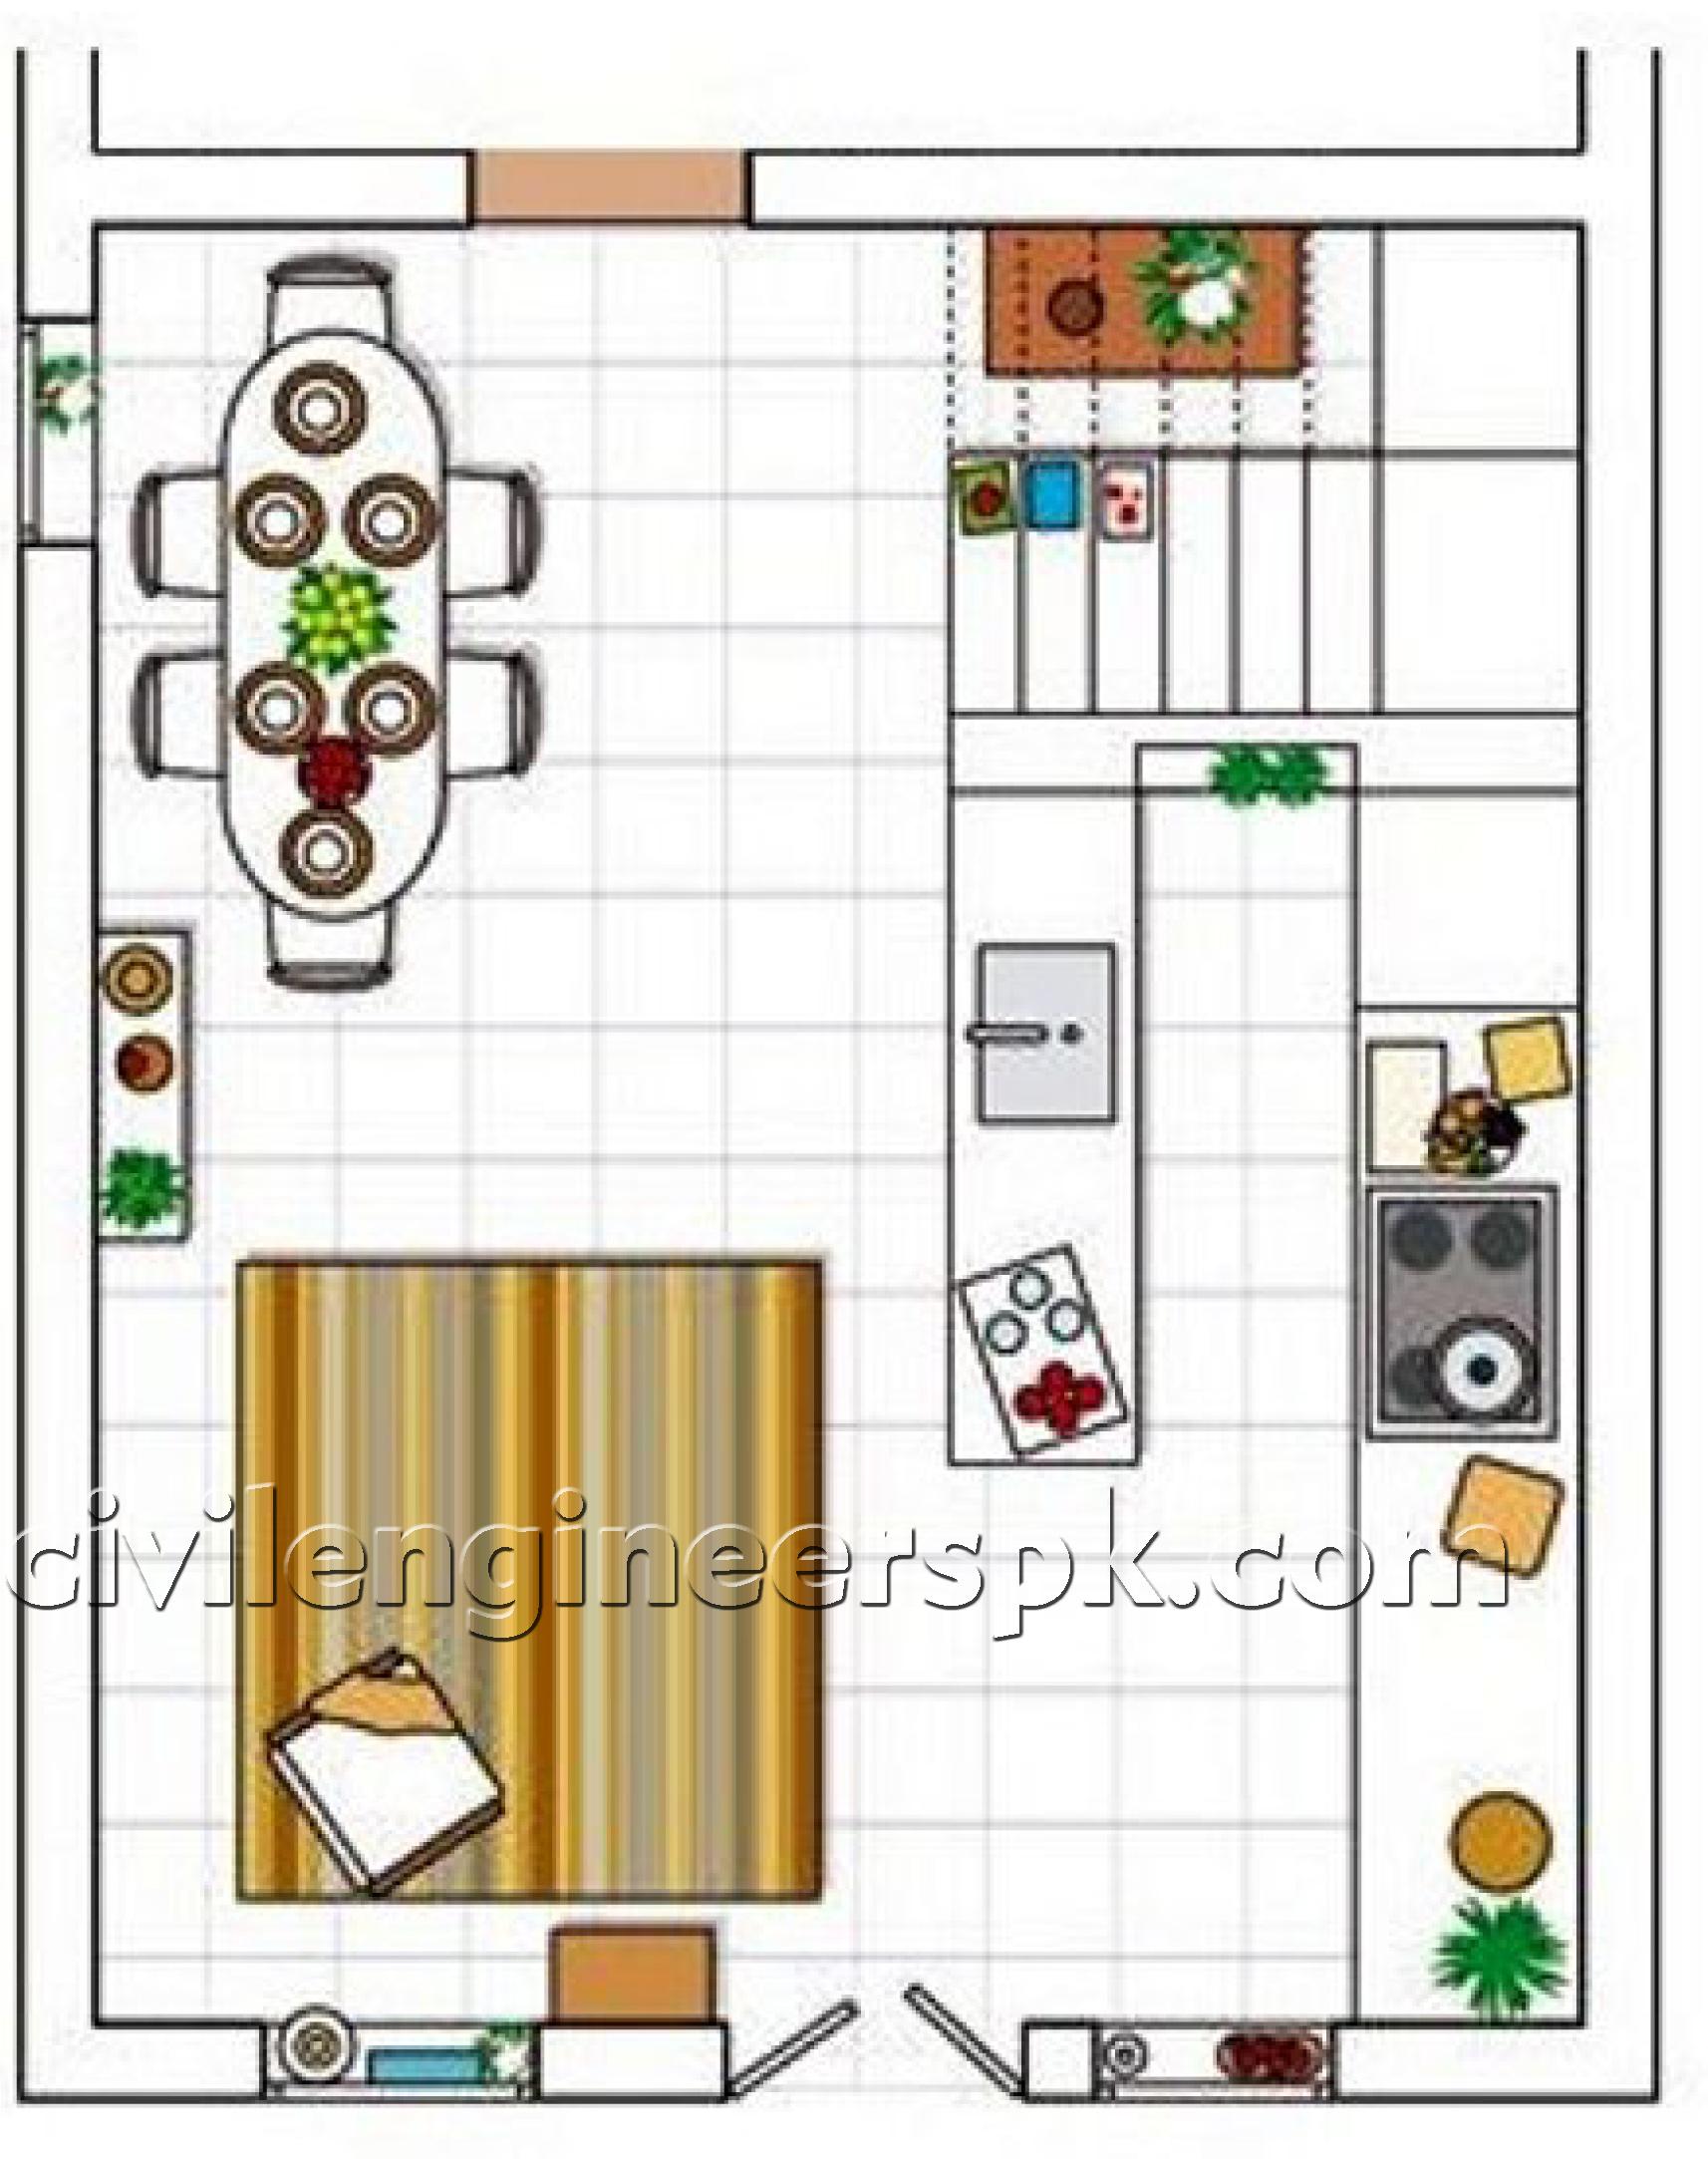 Kitchen designs 24 28 civil engineers pk for Civil kitchen designs